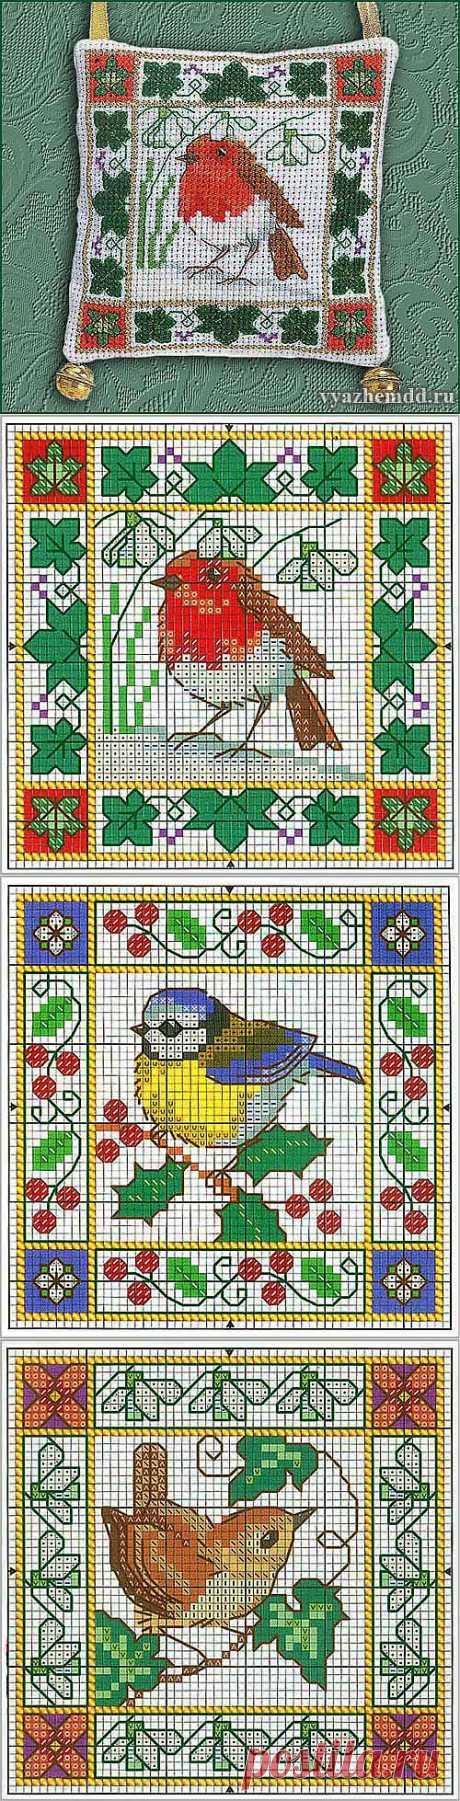 Птицы - схемы вышивки | Милые мелочи